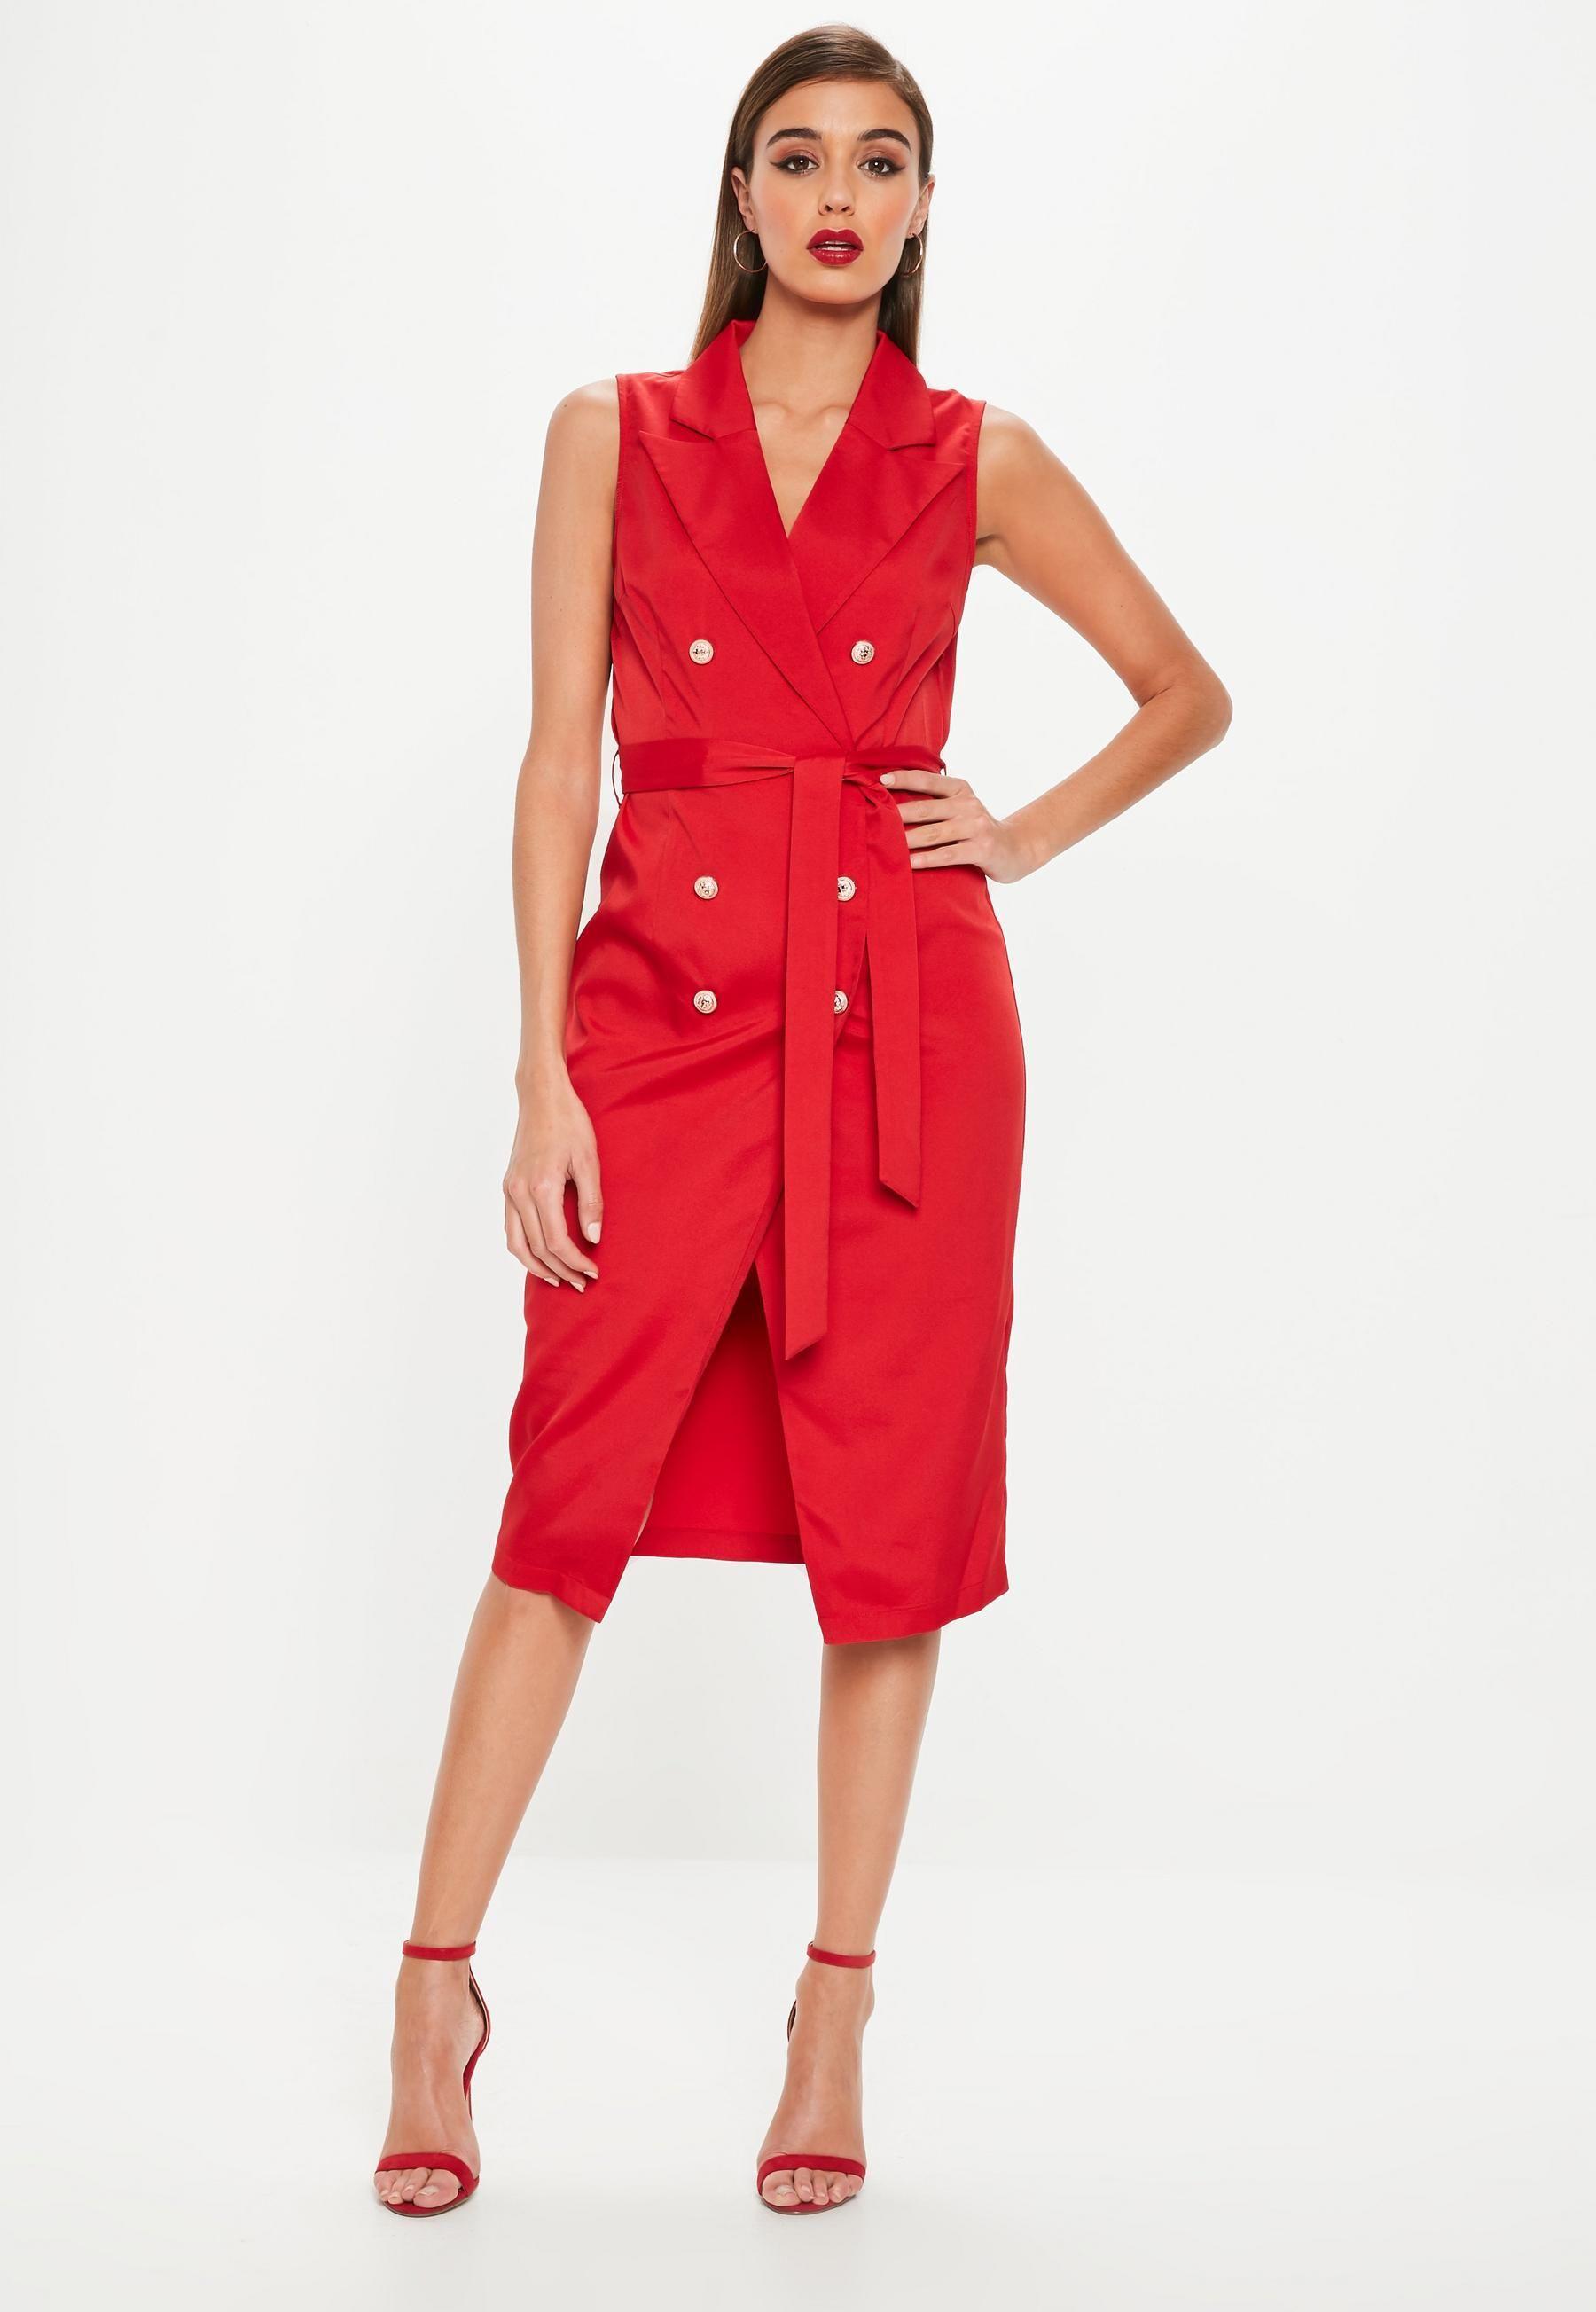 d92b20ad861a2f Red Sleeveless Belted Midi Blazer Dress